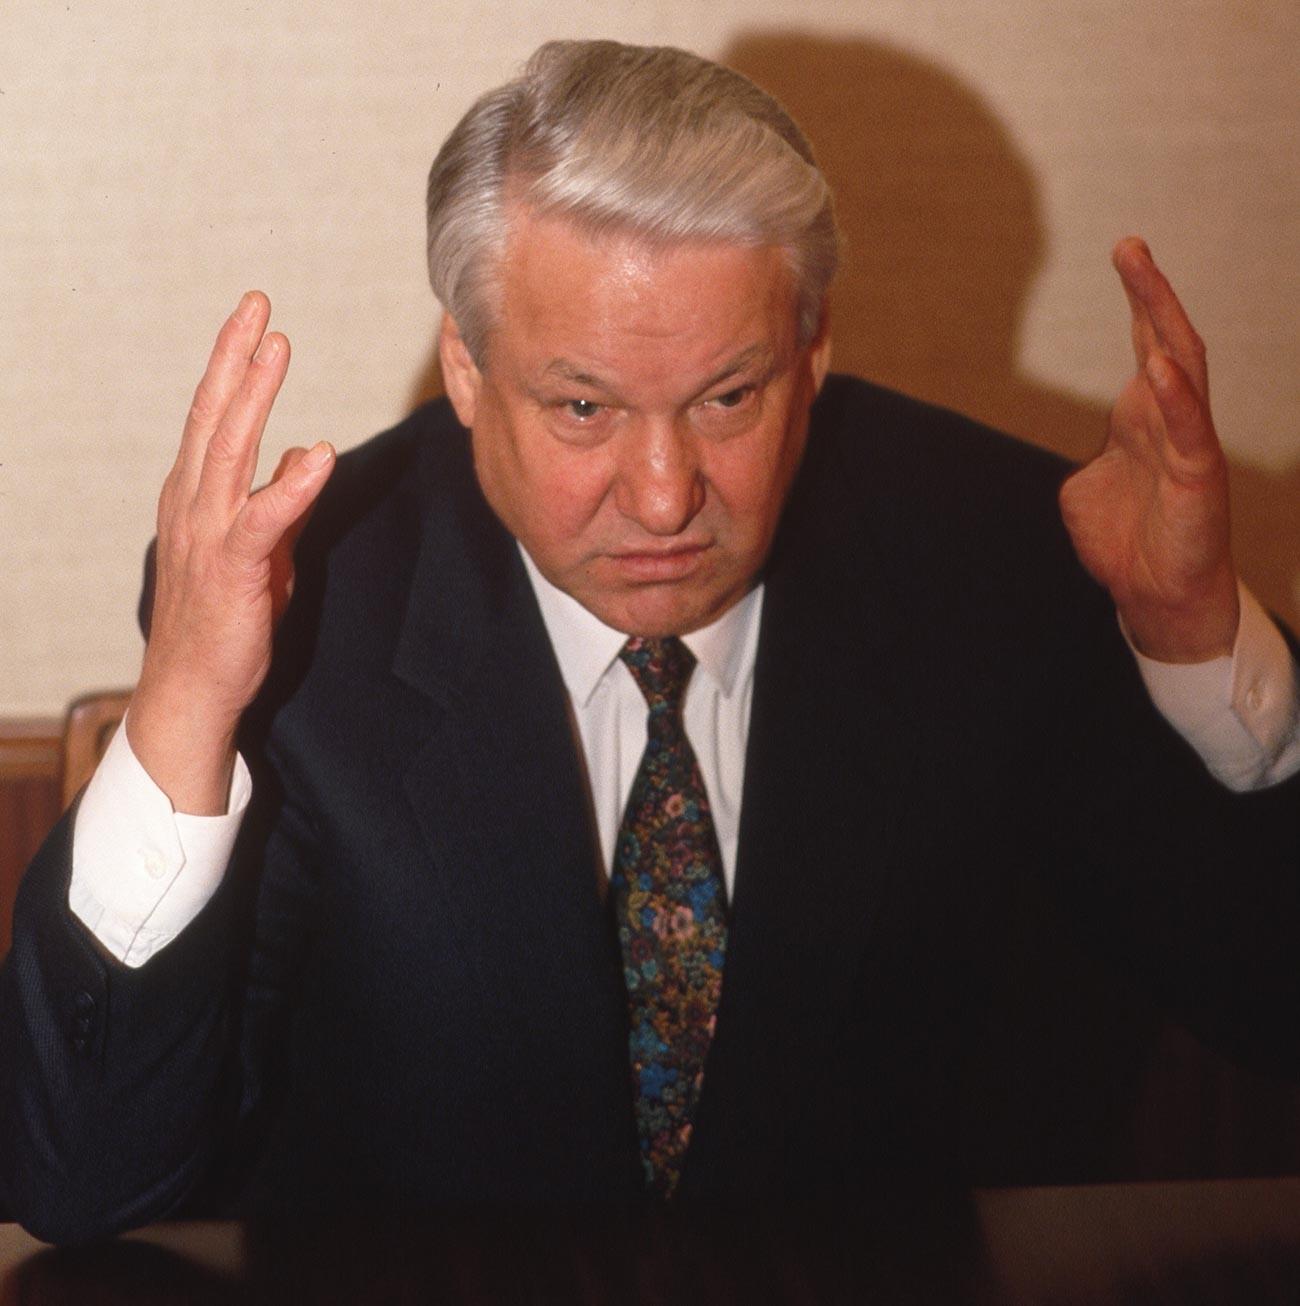 Boris Jeljcin za vrijeme intervjua.